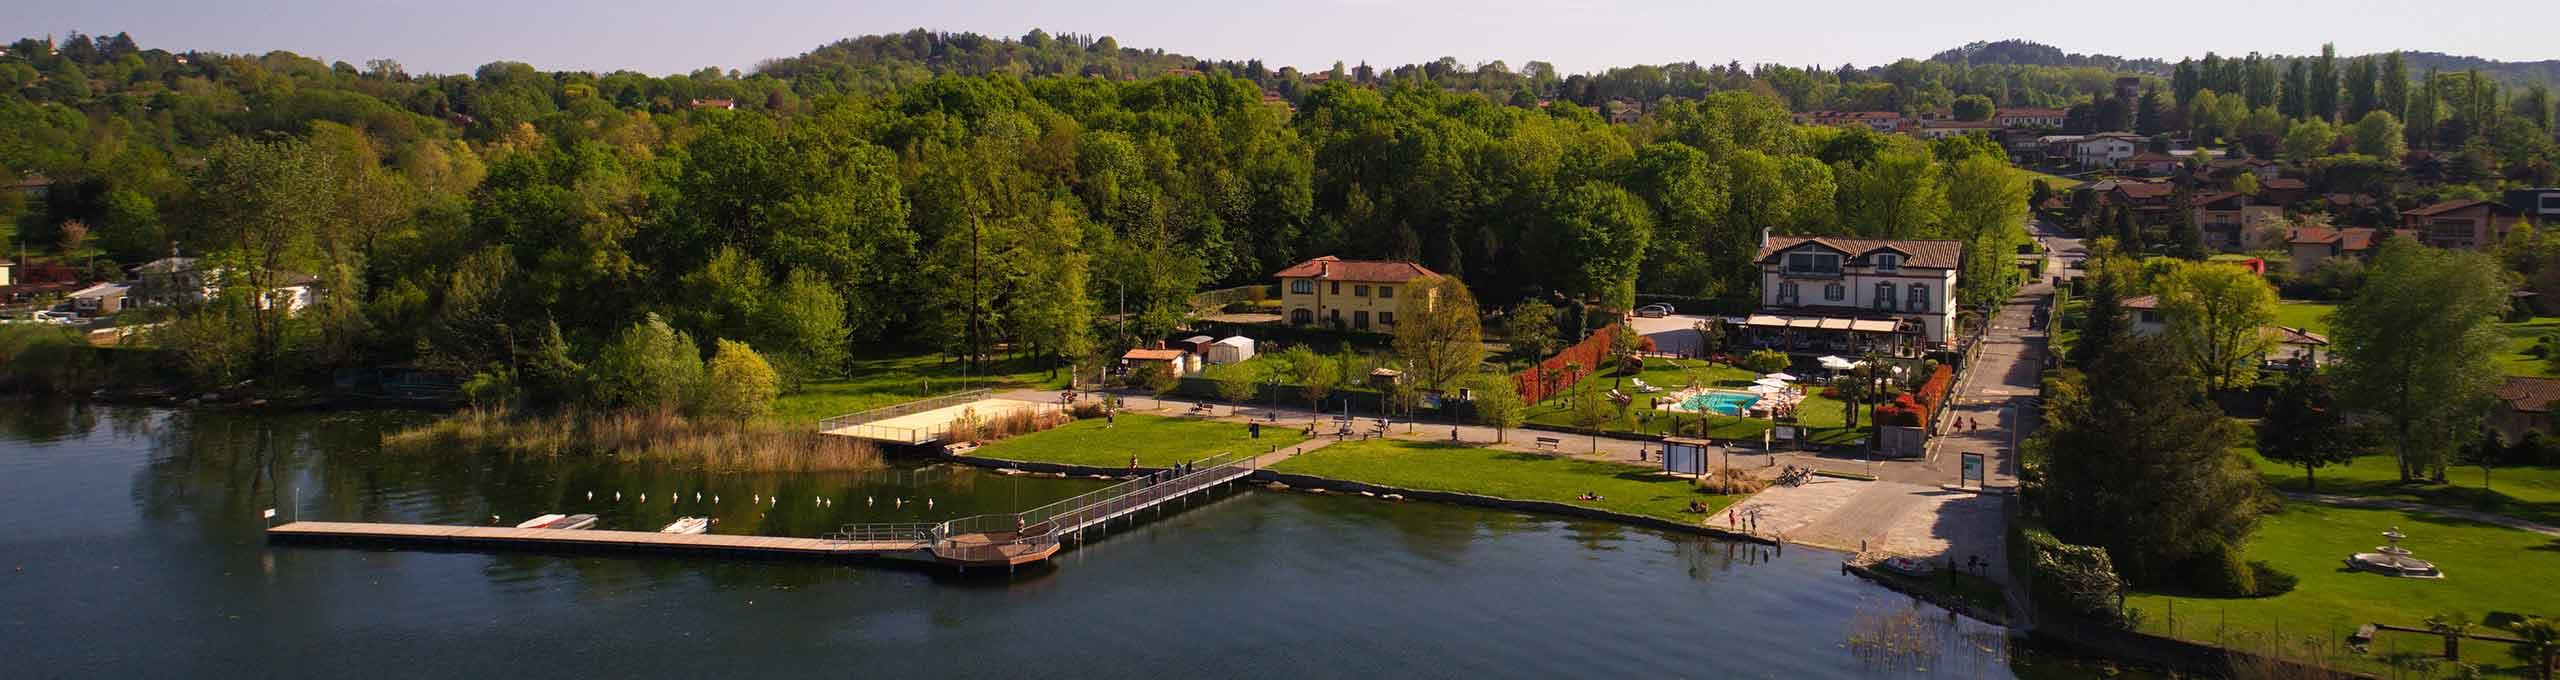 Bodio Lomnago, Lago di Varese